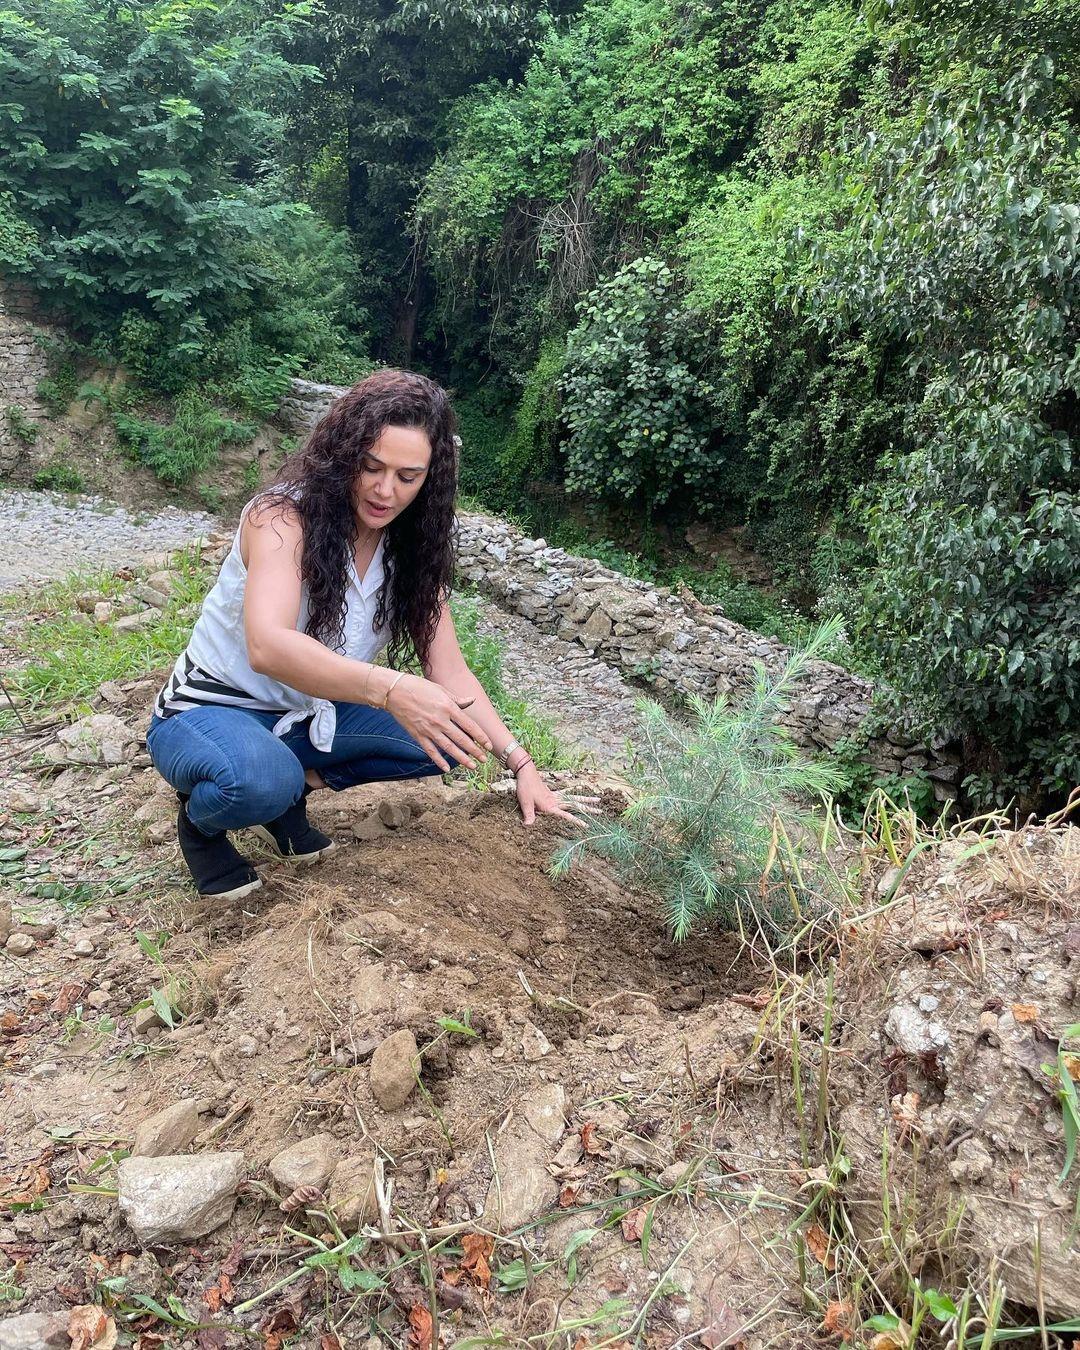 बॉलीवुड : 'डिंपल गर्ल' ने शिमला में लगाया पौधा, लगाया देवदार का पौधा